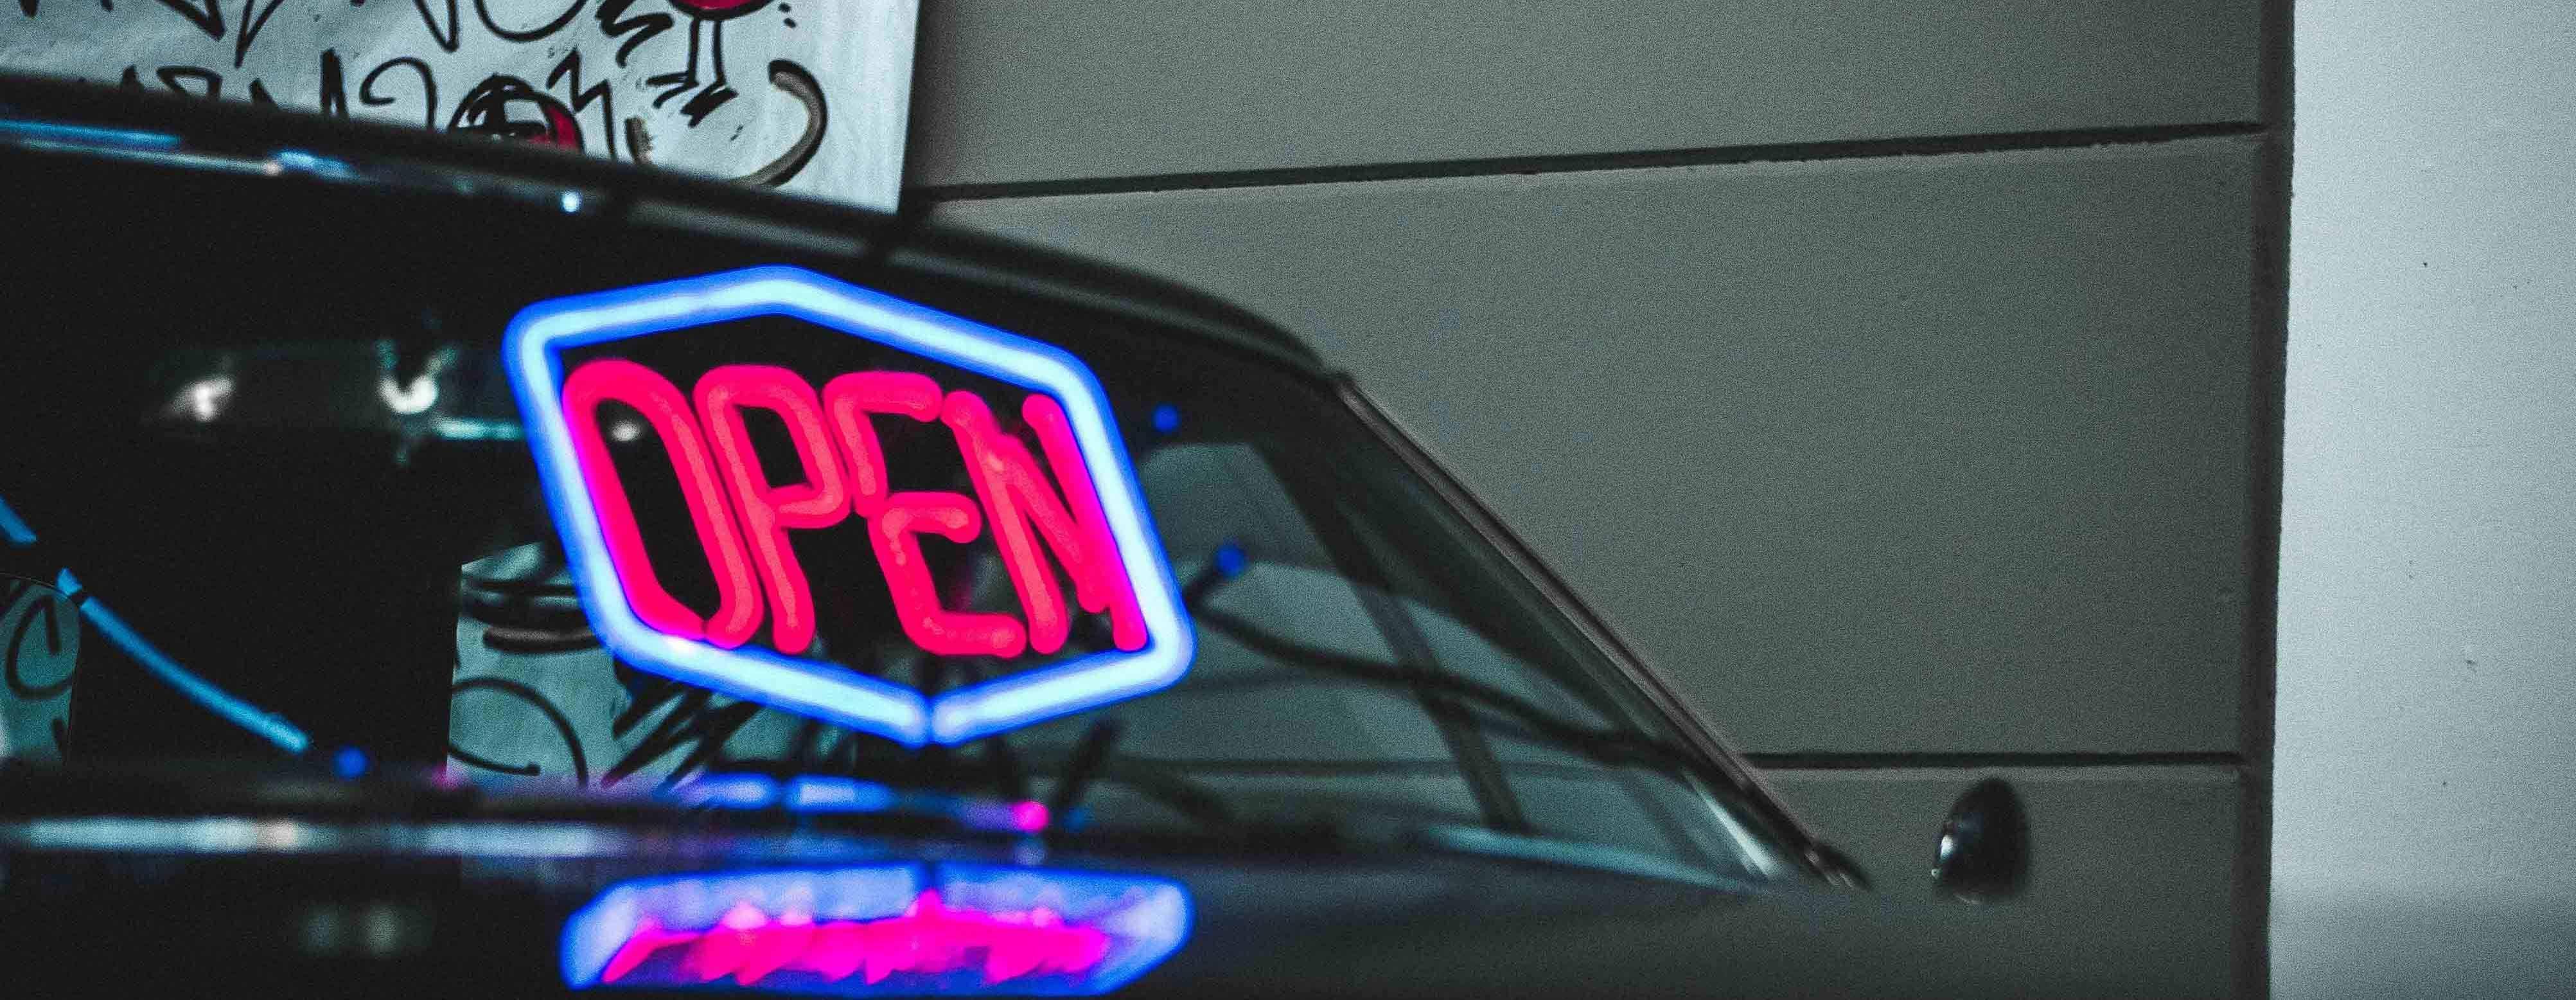 neon-sign-car-auto-shop-4010x1556